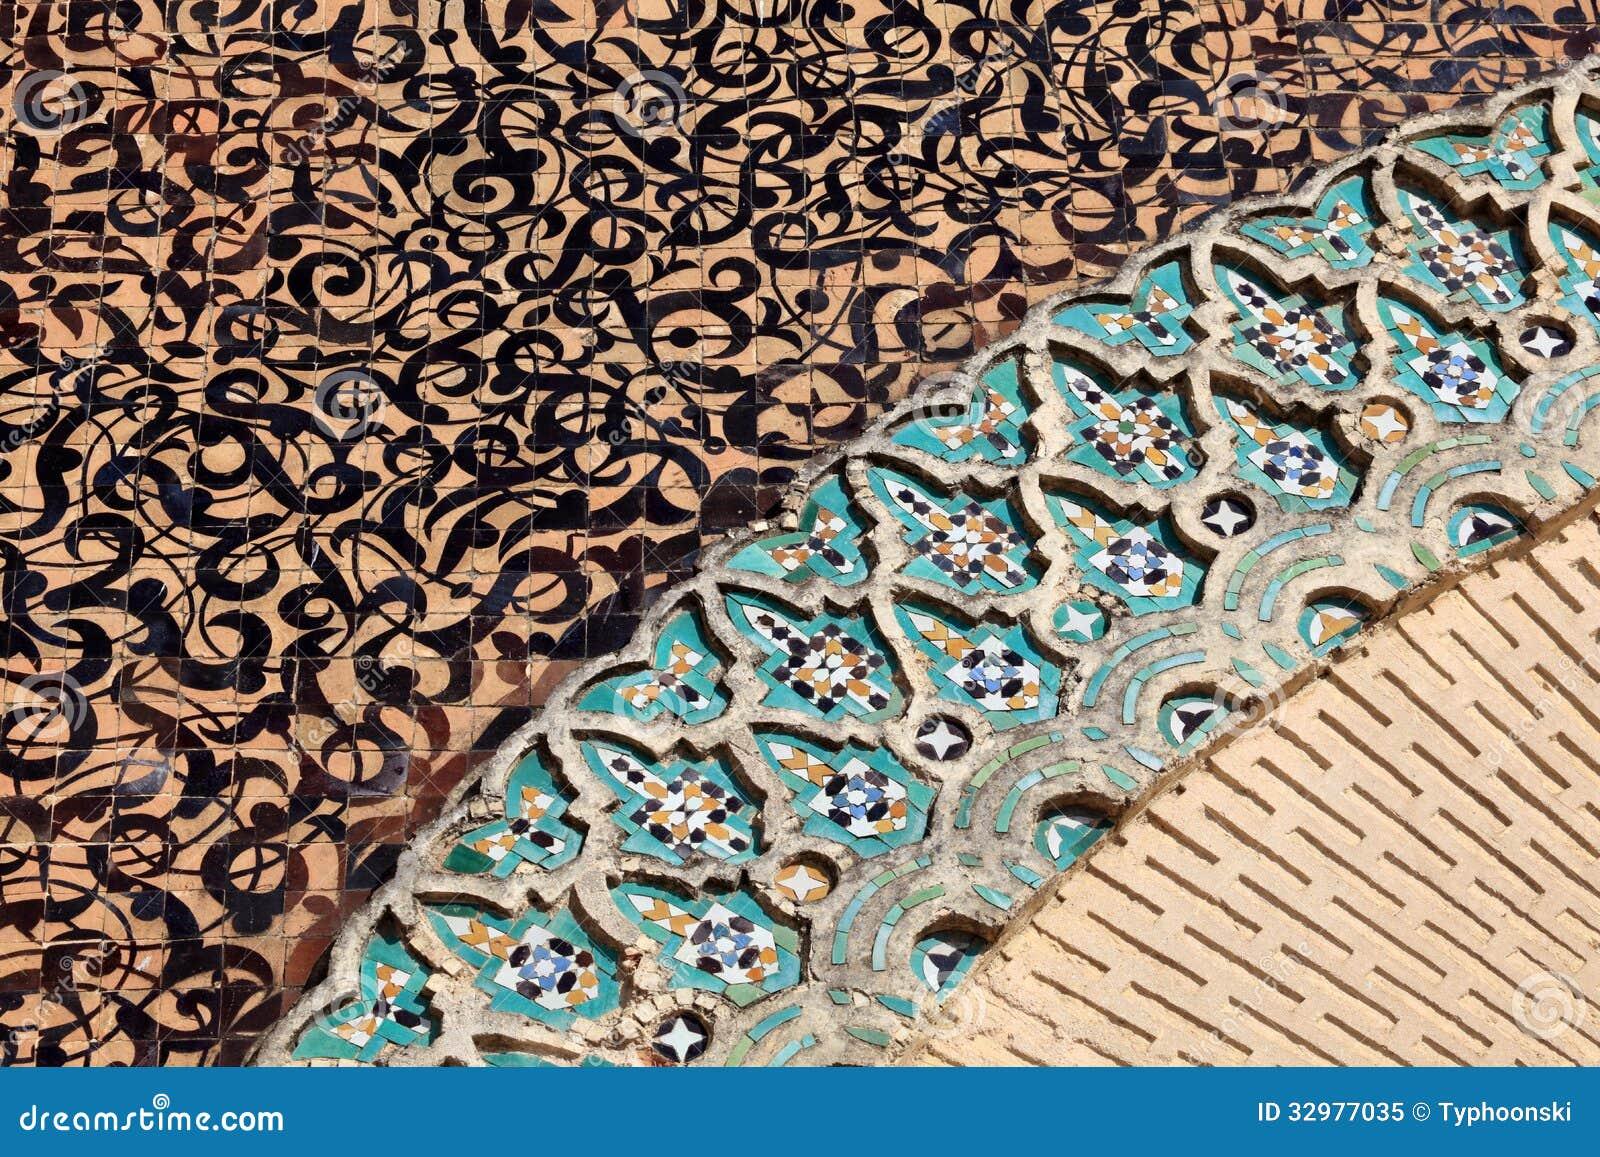 mosa que orientale au maroc photo libre de droits image. Black Bedroom Furniture Sets. Home Design Ideas